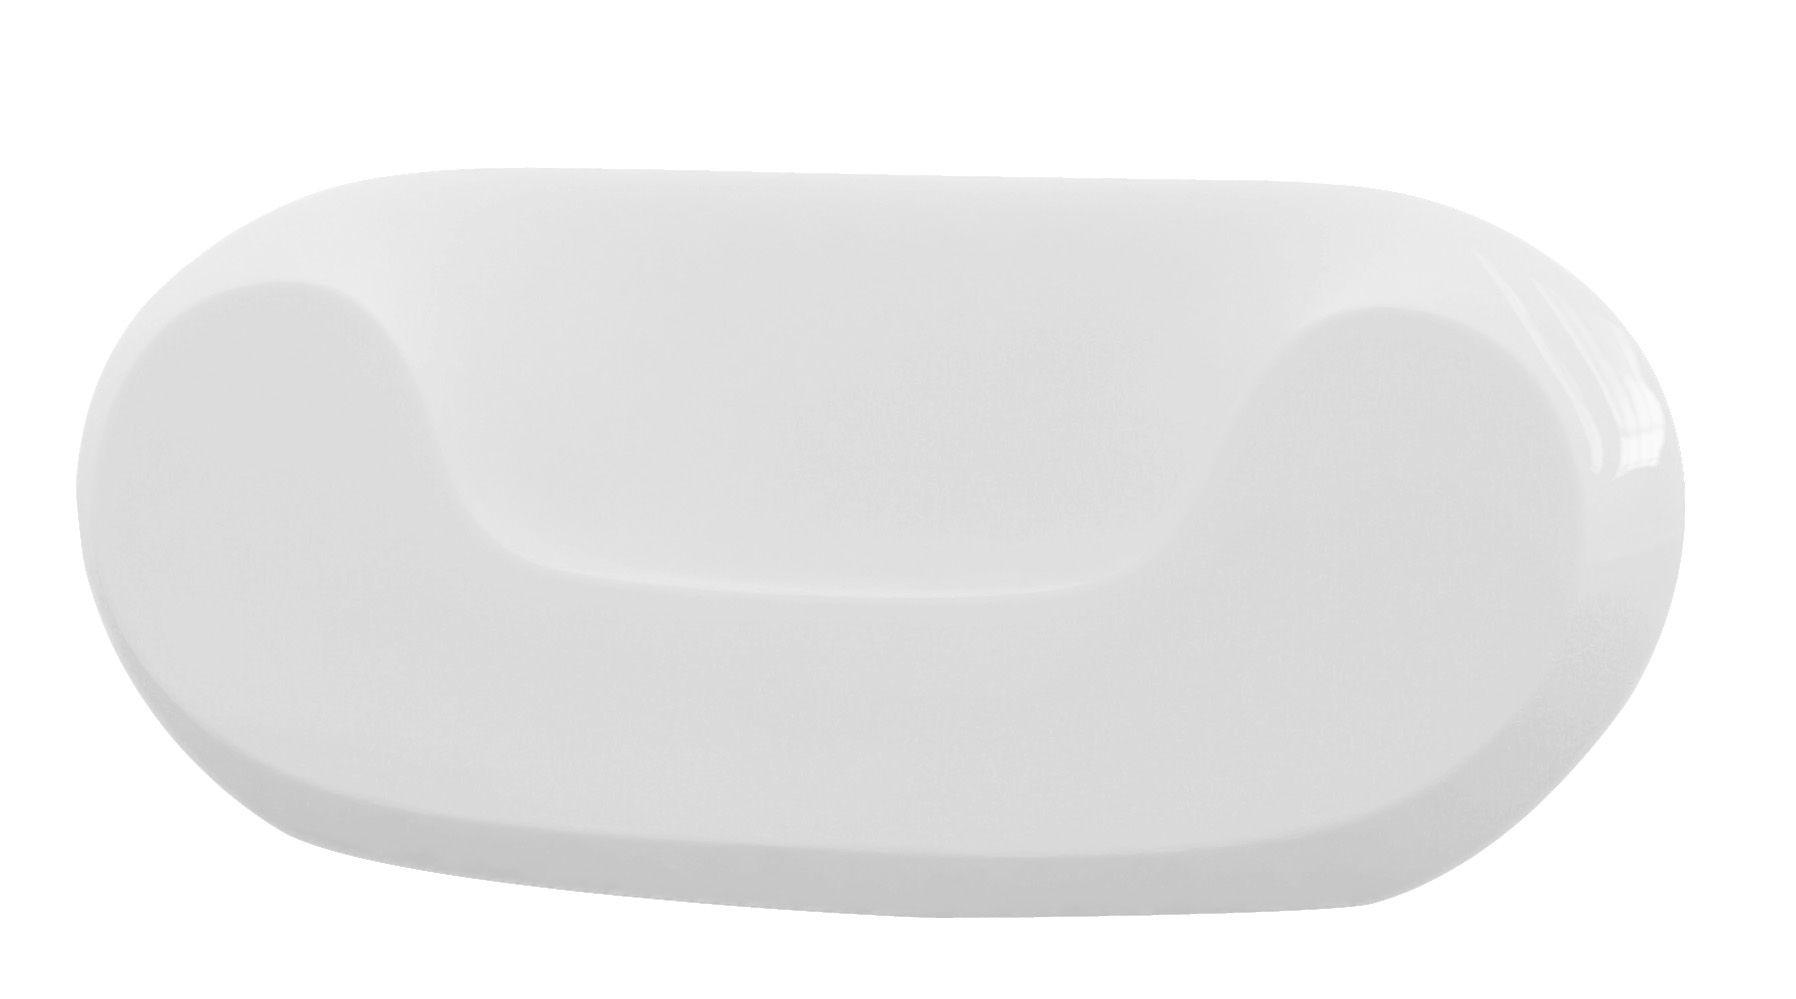 Arredamento - Mobili Ados  - Poltrona bassa Chubby - versione laccata di Slide - Laccato bianco - Polietilene riciclabile laccato